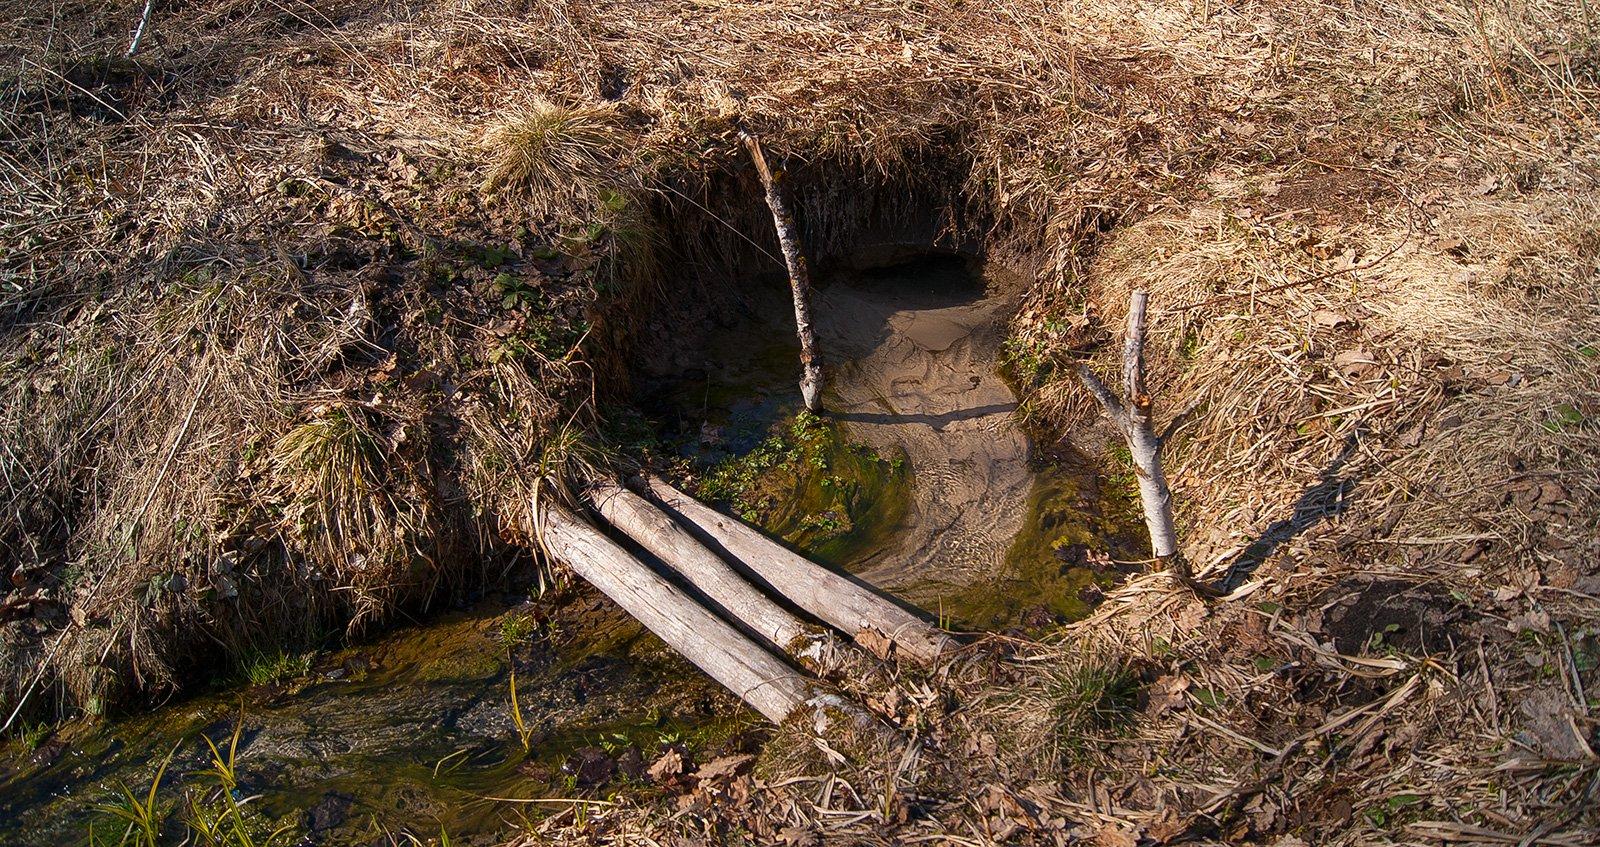 Один из истоков реки Шумоветки. Дебет родника значителен  - песок прямо кипит в струях.